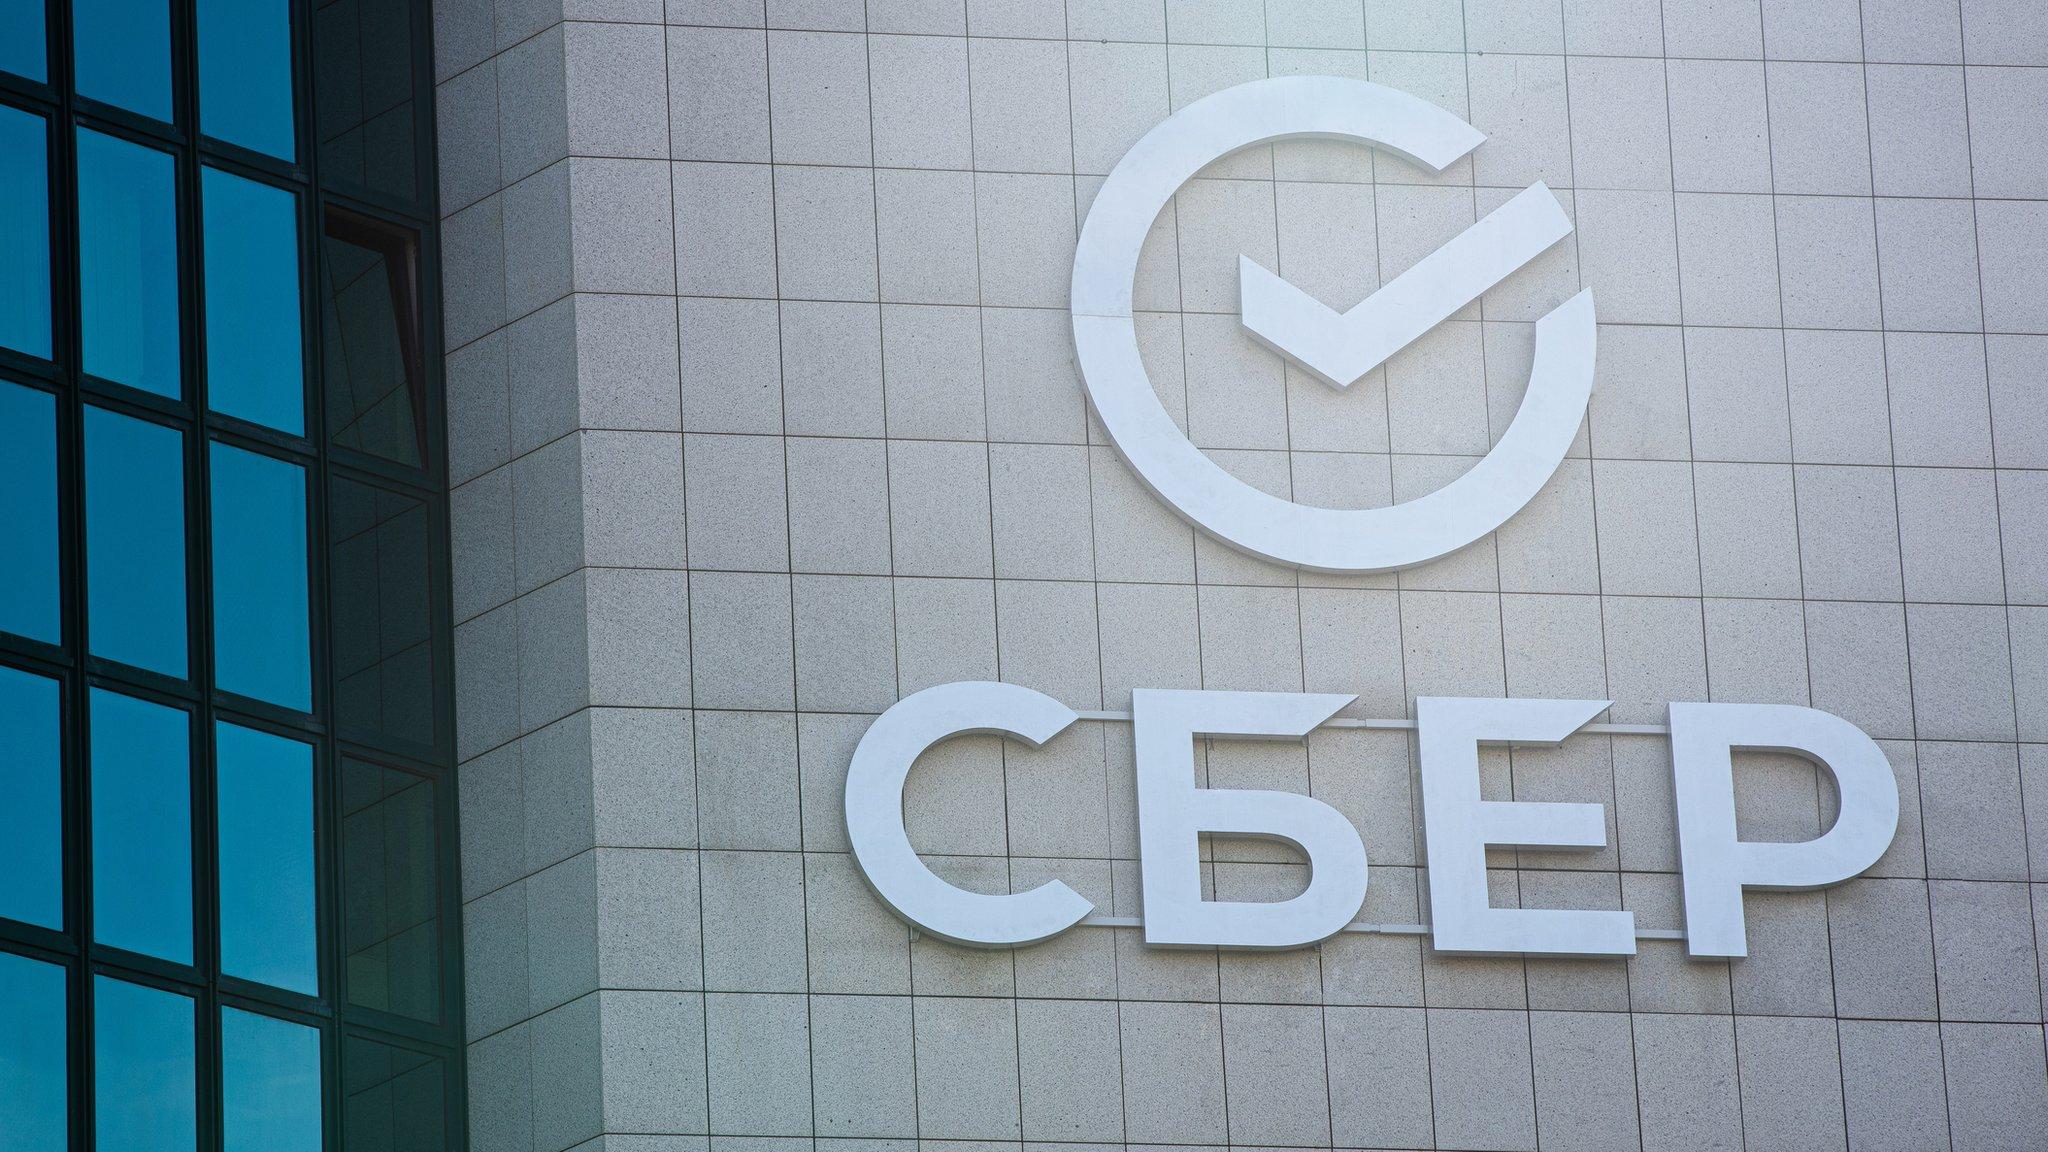 Сбербанк показал новый логотип, название и сервисы. Соцсети шутят